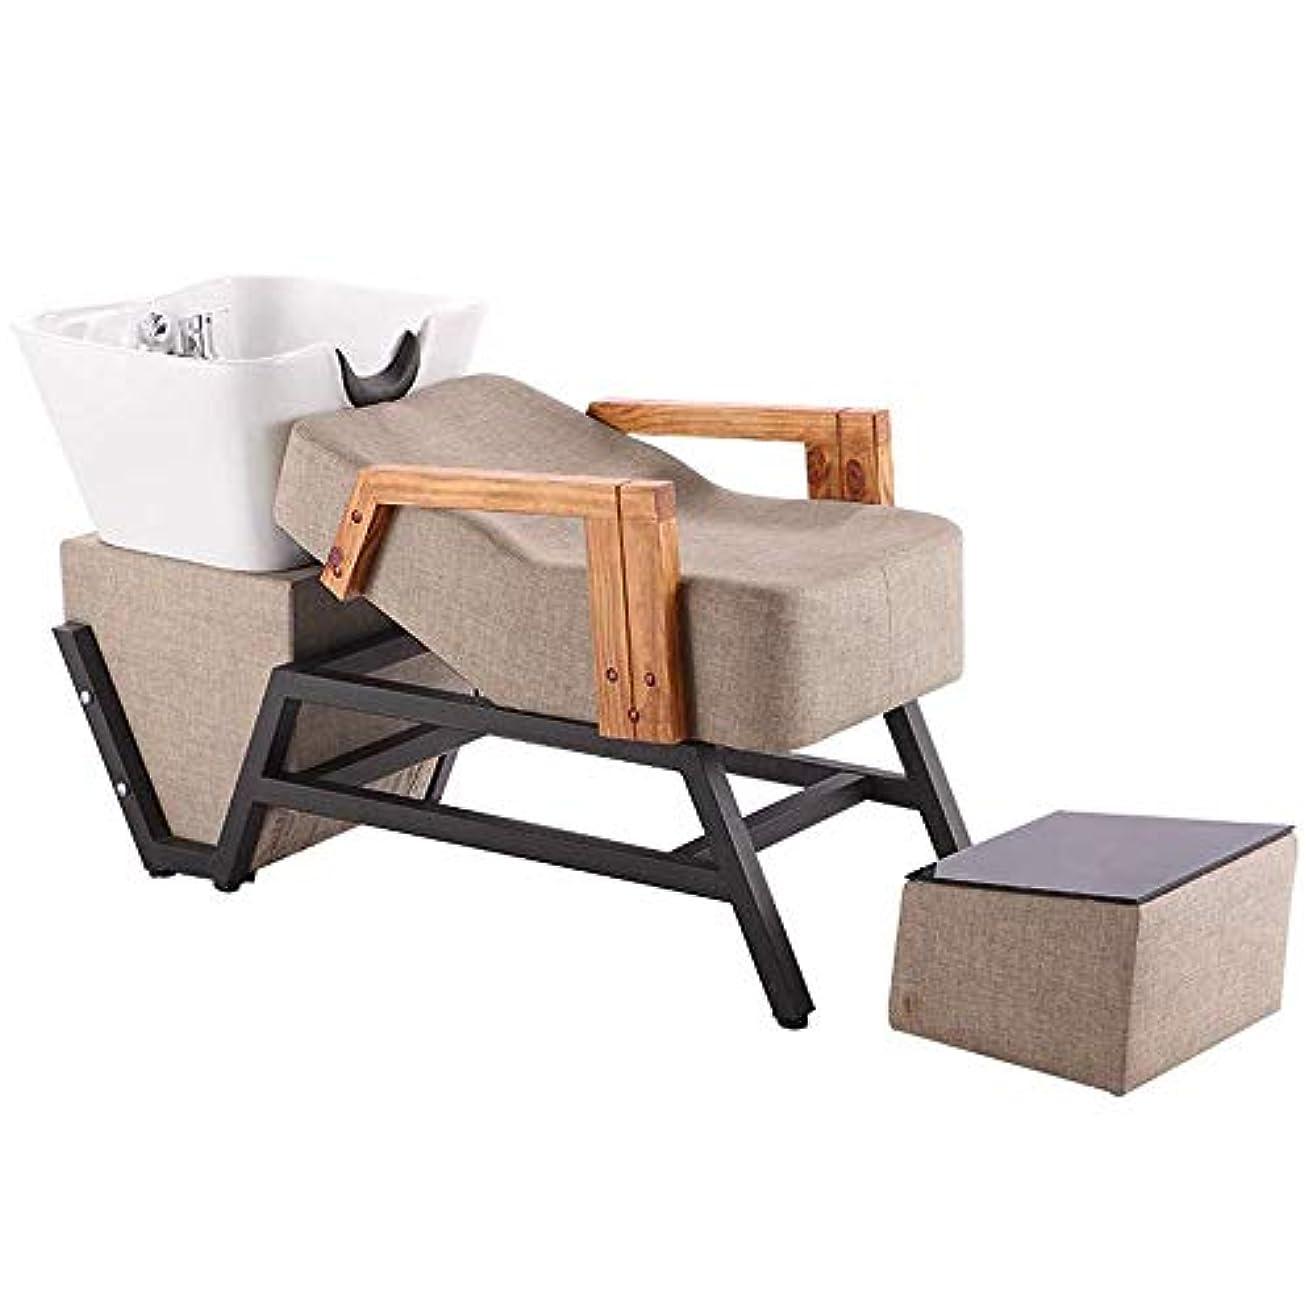 重々しい蓄積するマークダウンサロン用シャンプー椅子とボウル、 サロンボウルシャンプーシンク逆洗椅子理髪美容スパ機器 ッド理髪店専用